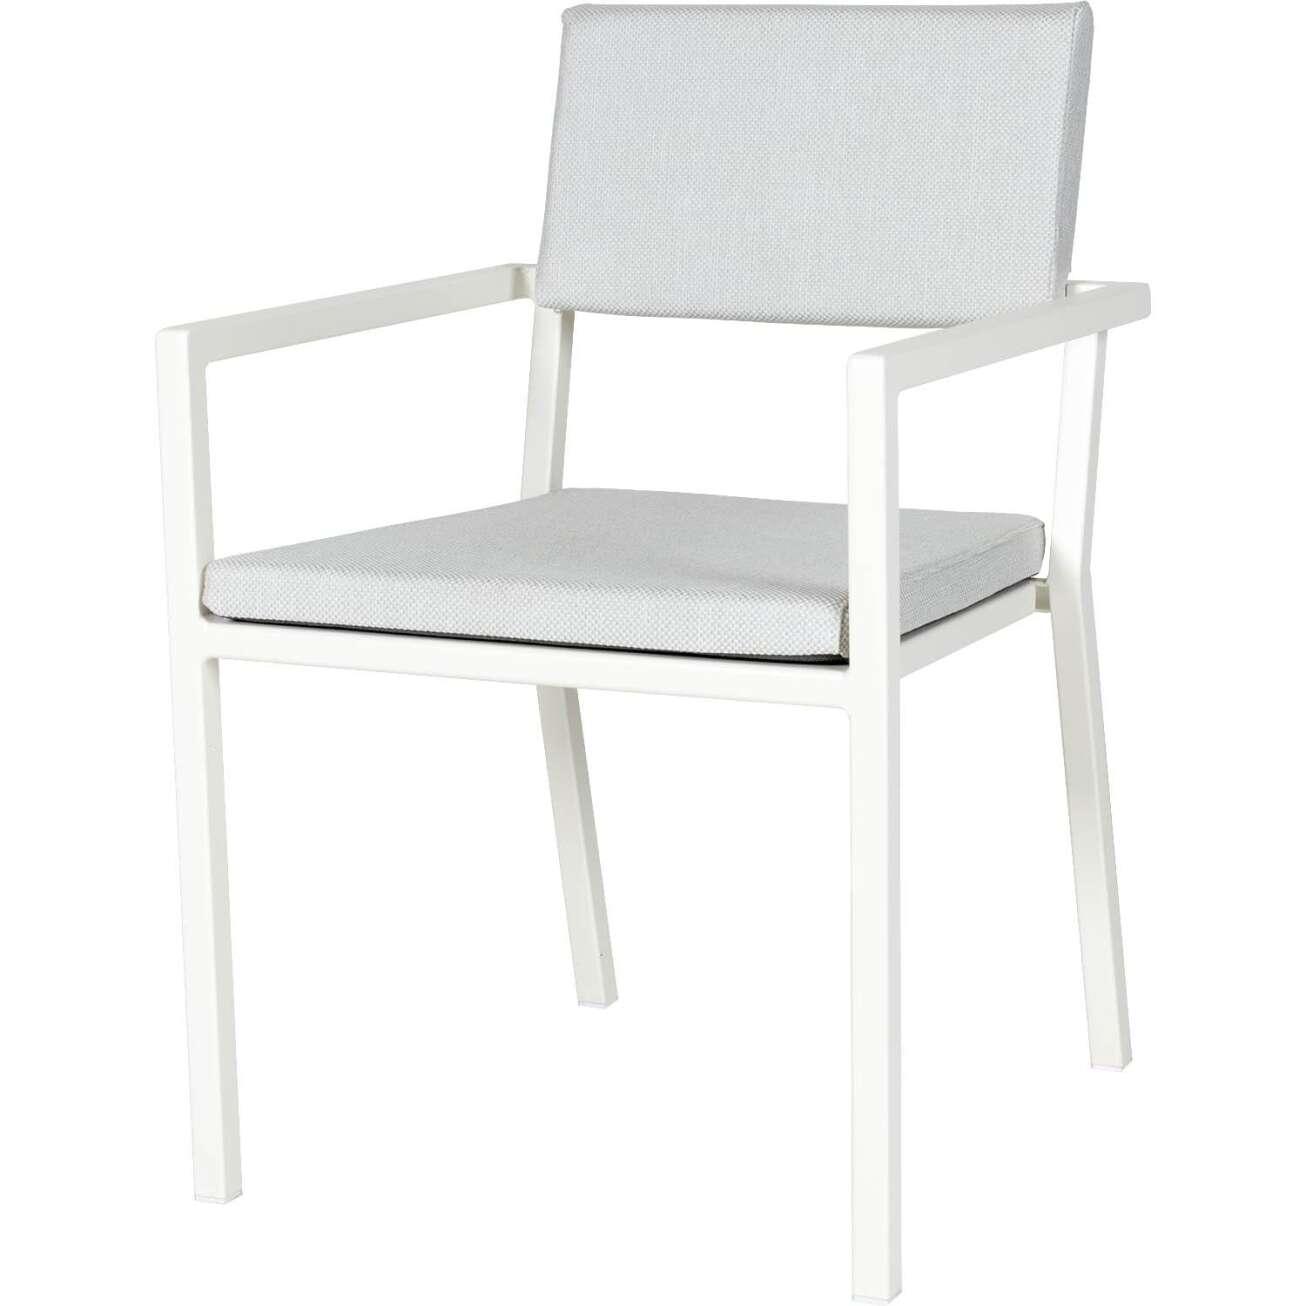 Sundays Frame spisestol i hvit aluminium med hvite puter